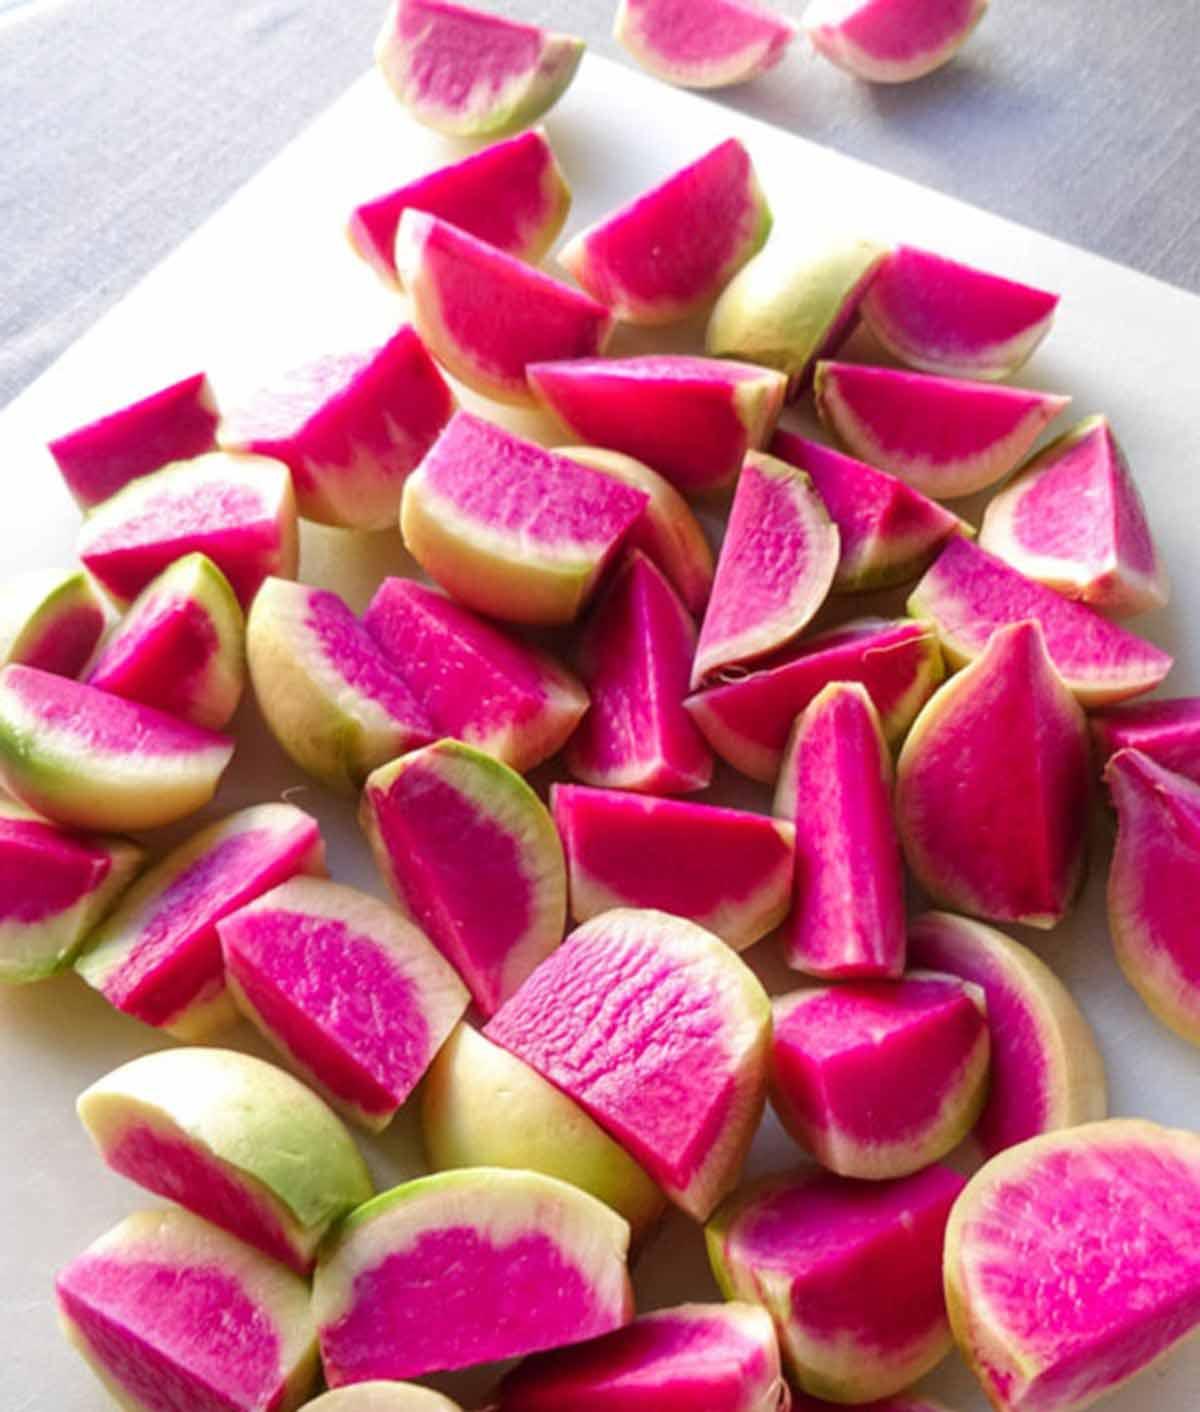 raw watermelon radishes on cutting board